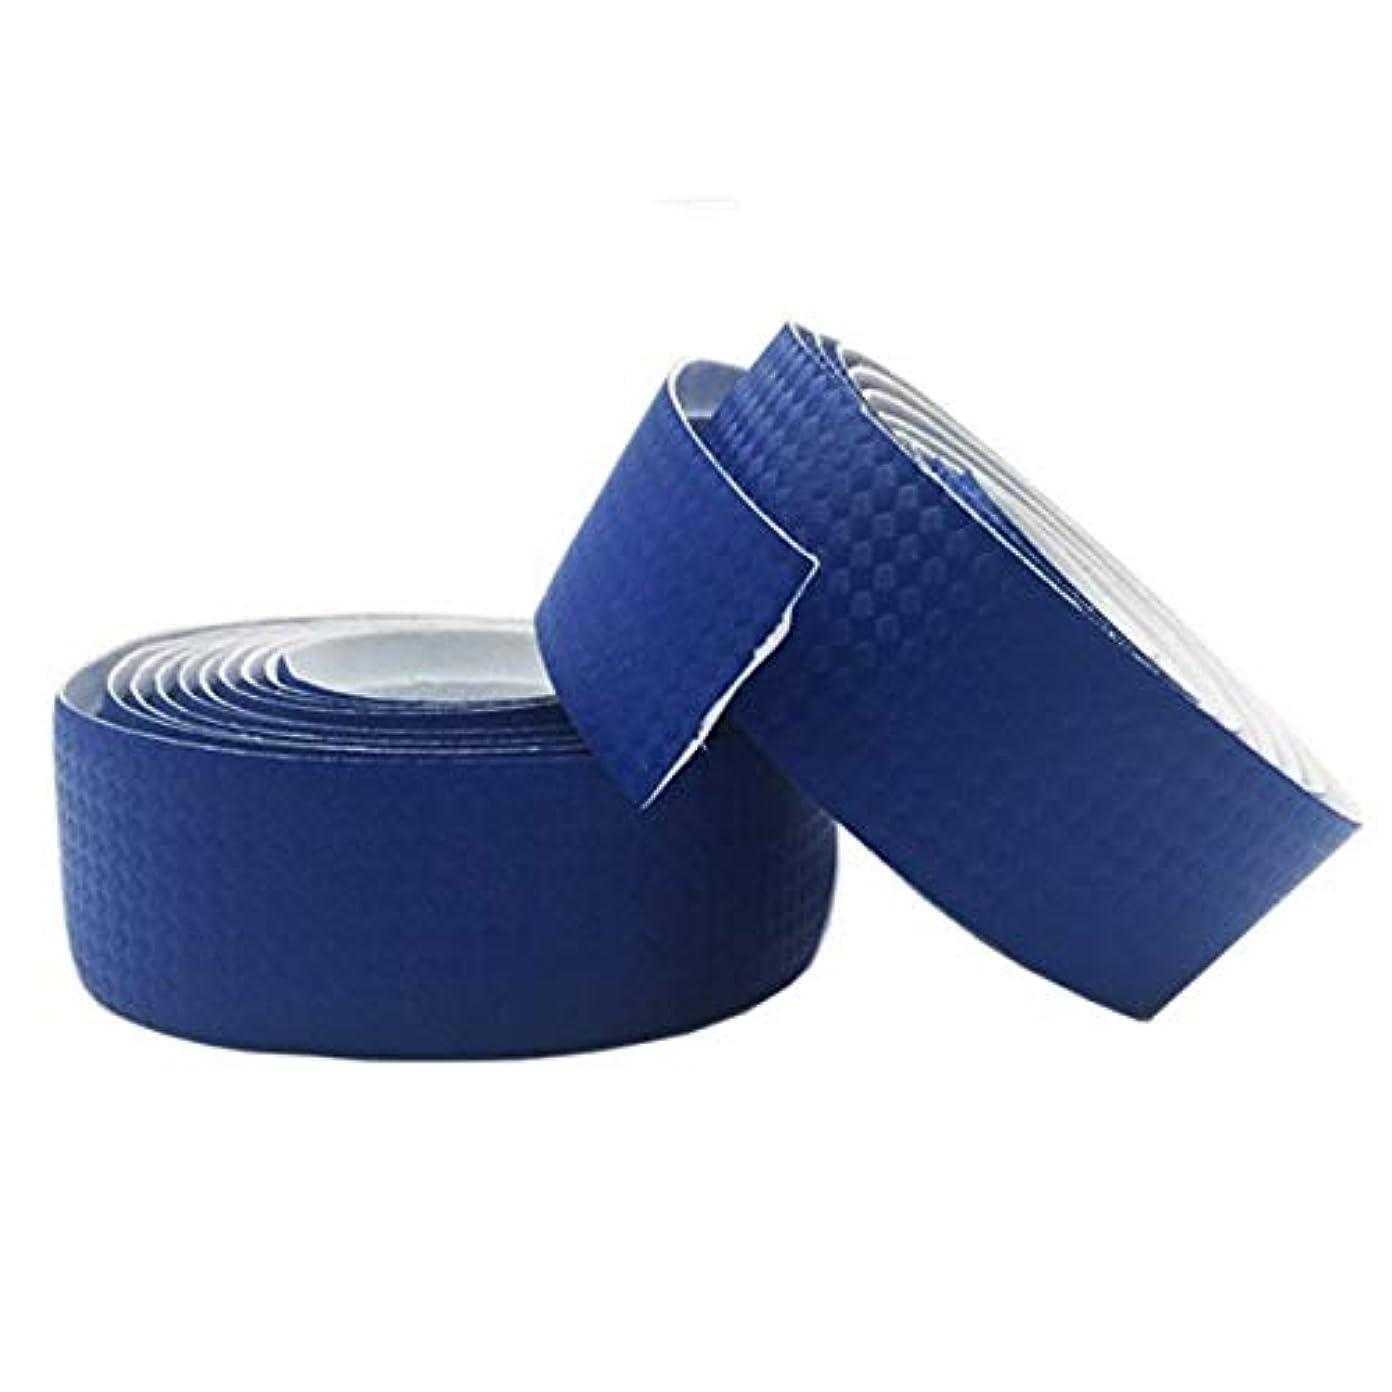 本作者締め切りPropenary - Bicycle Handlebar Tapes Cycling Road Bike Sports Bike Cork Handlebar Tape 2 Bar Plugs Carbon fiber belts strap Bicycle Parts [ Blue ]